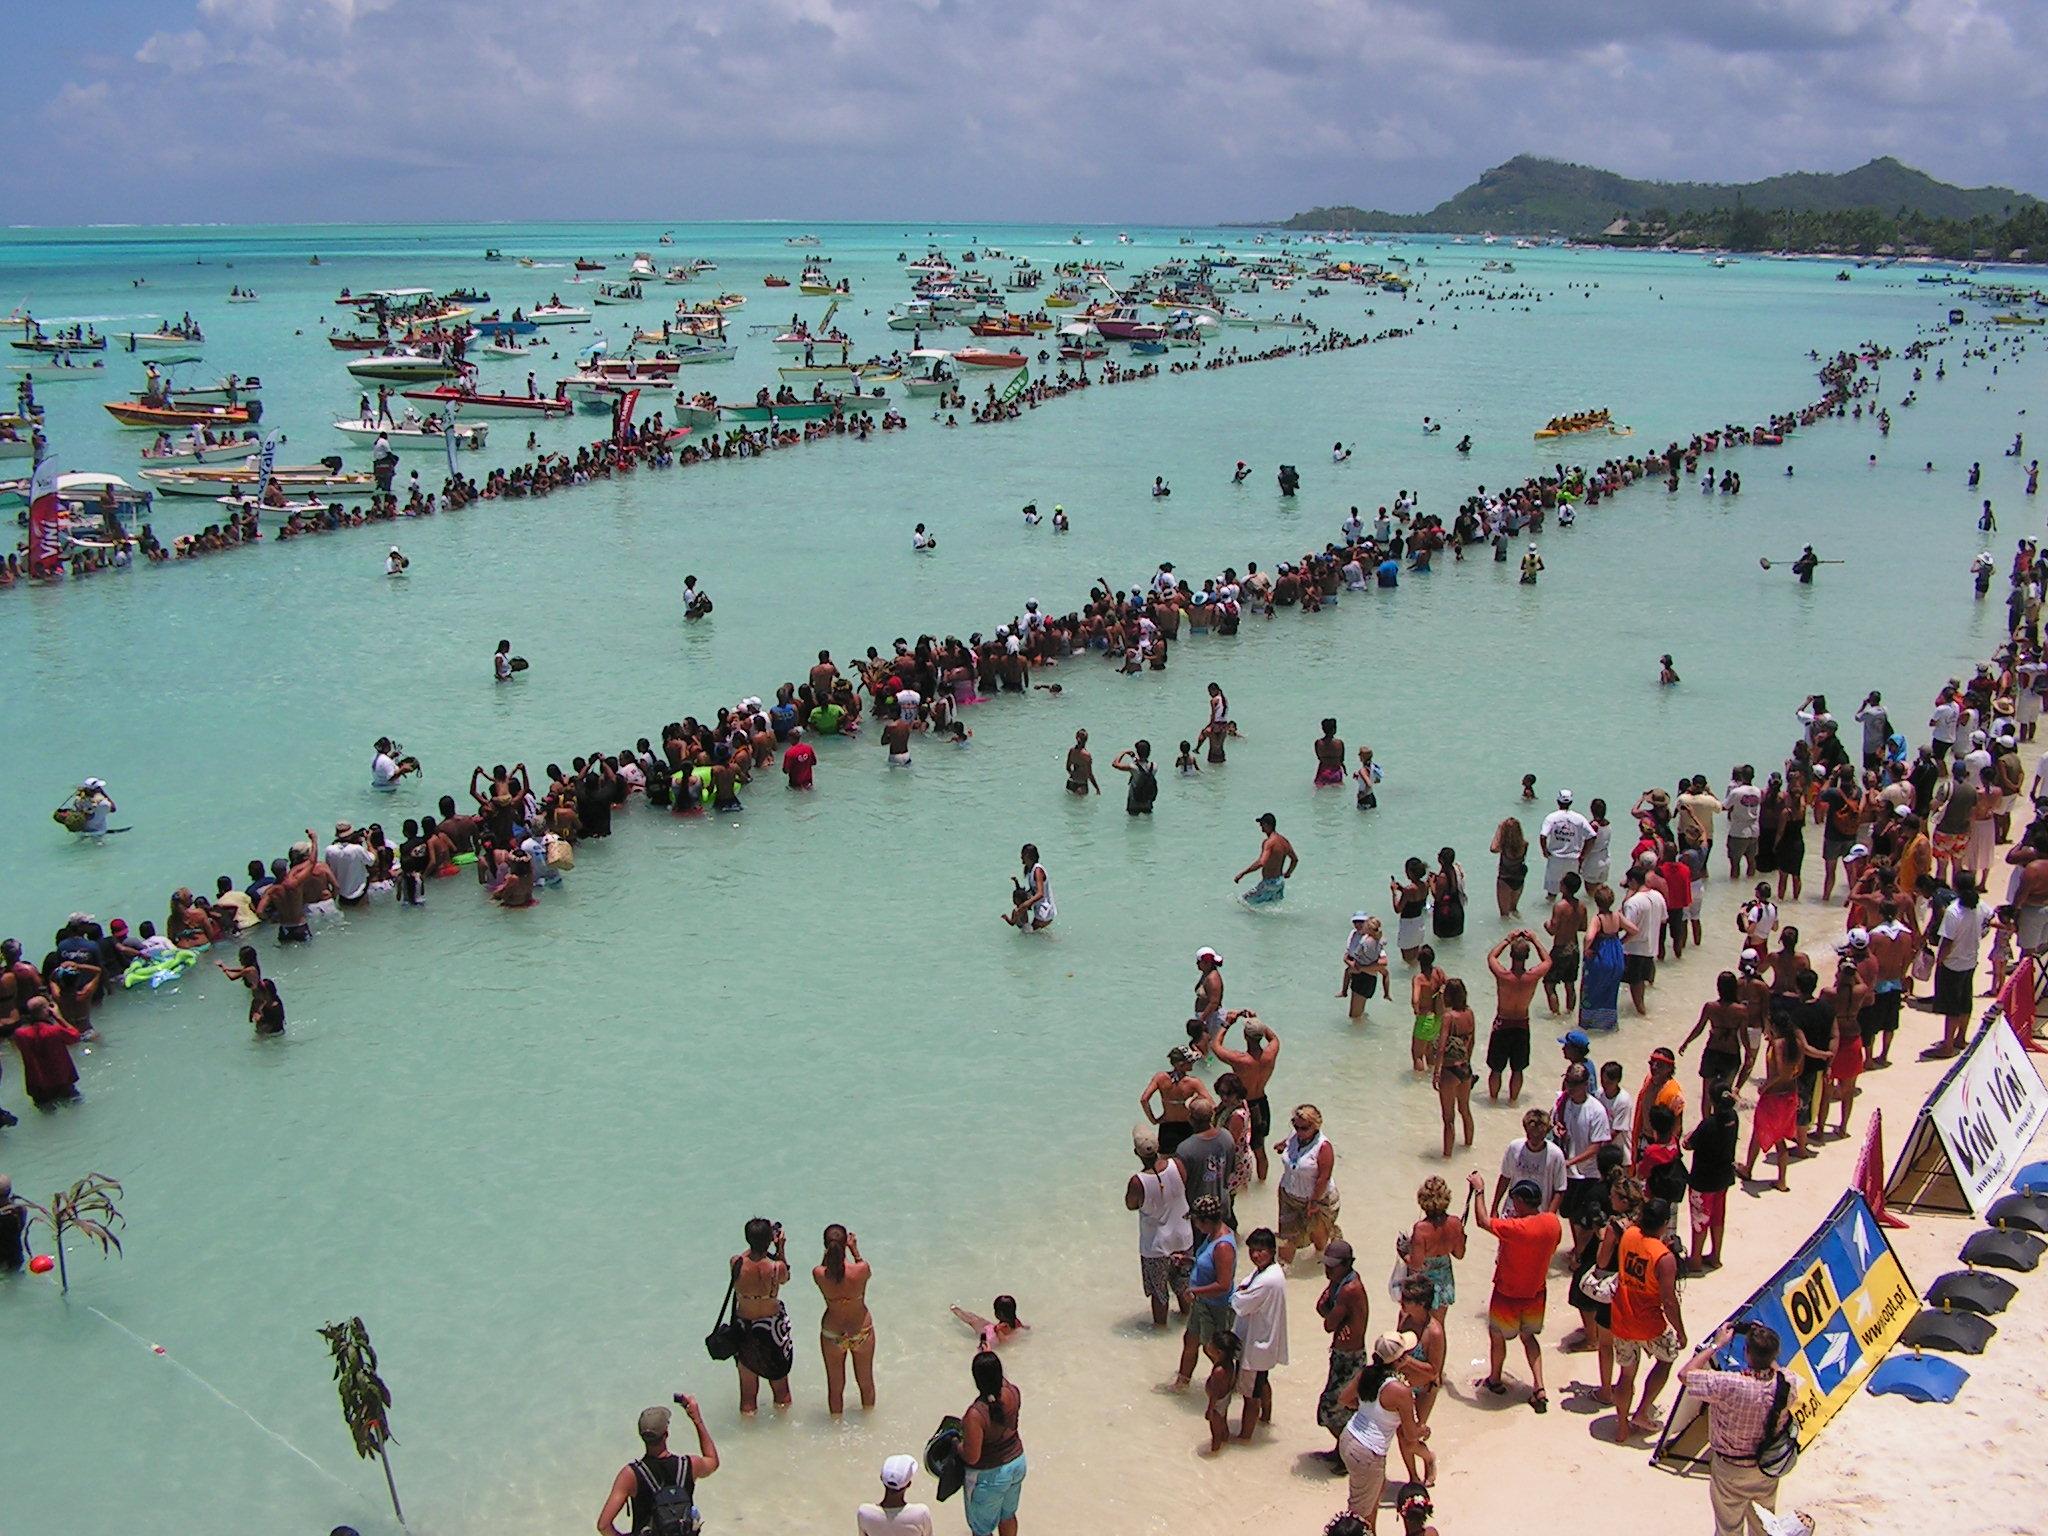 La fin de la course Hawaiki Nui va'a sur le plan d'eau de Matira entraîne souvent la surconsommation d'alcool. Crédit : Françoise Buil